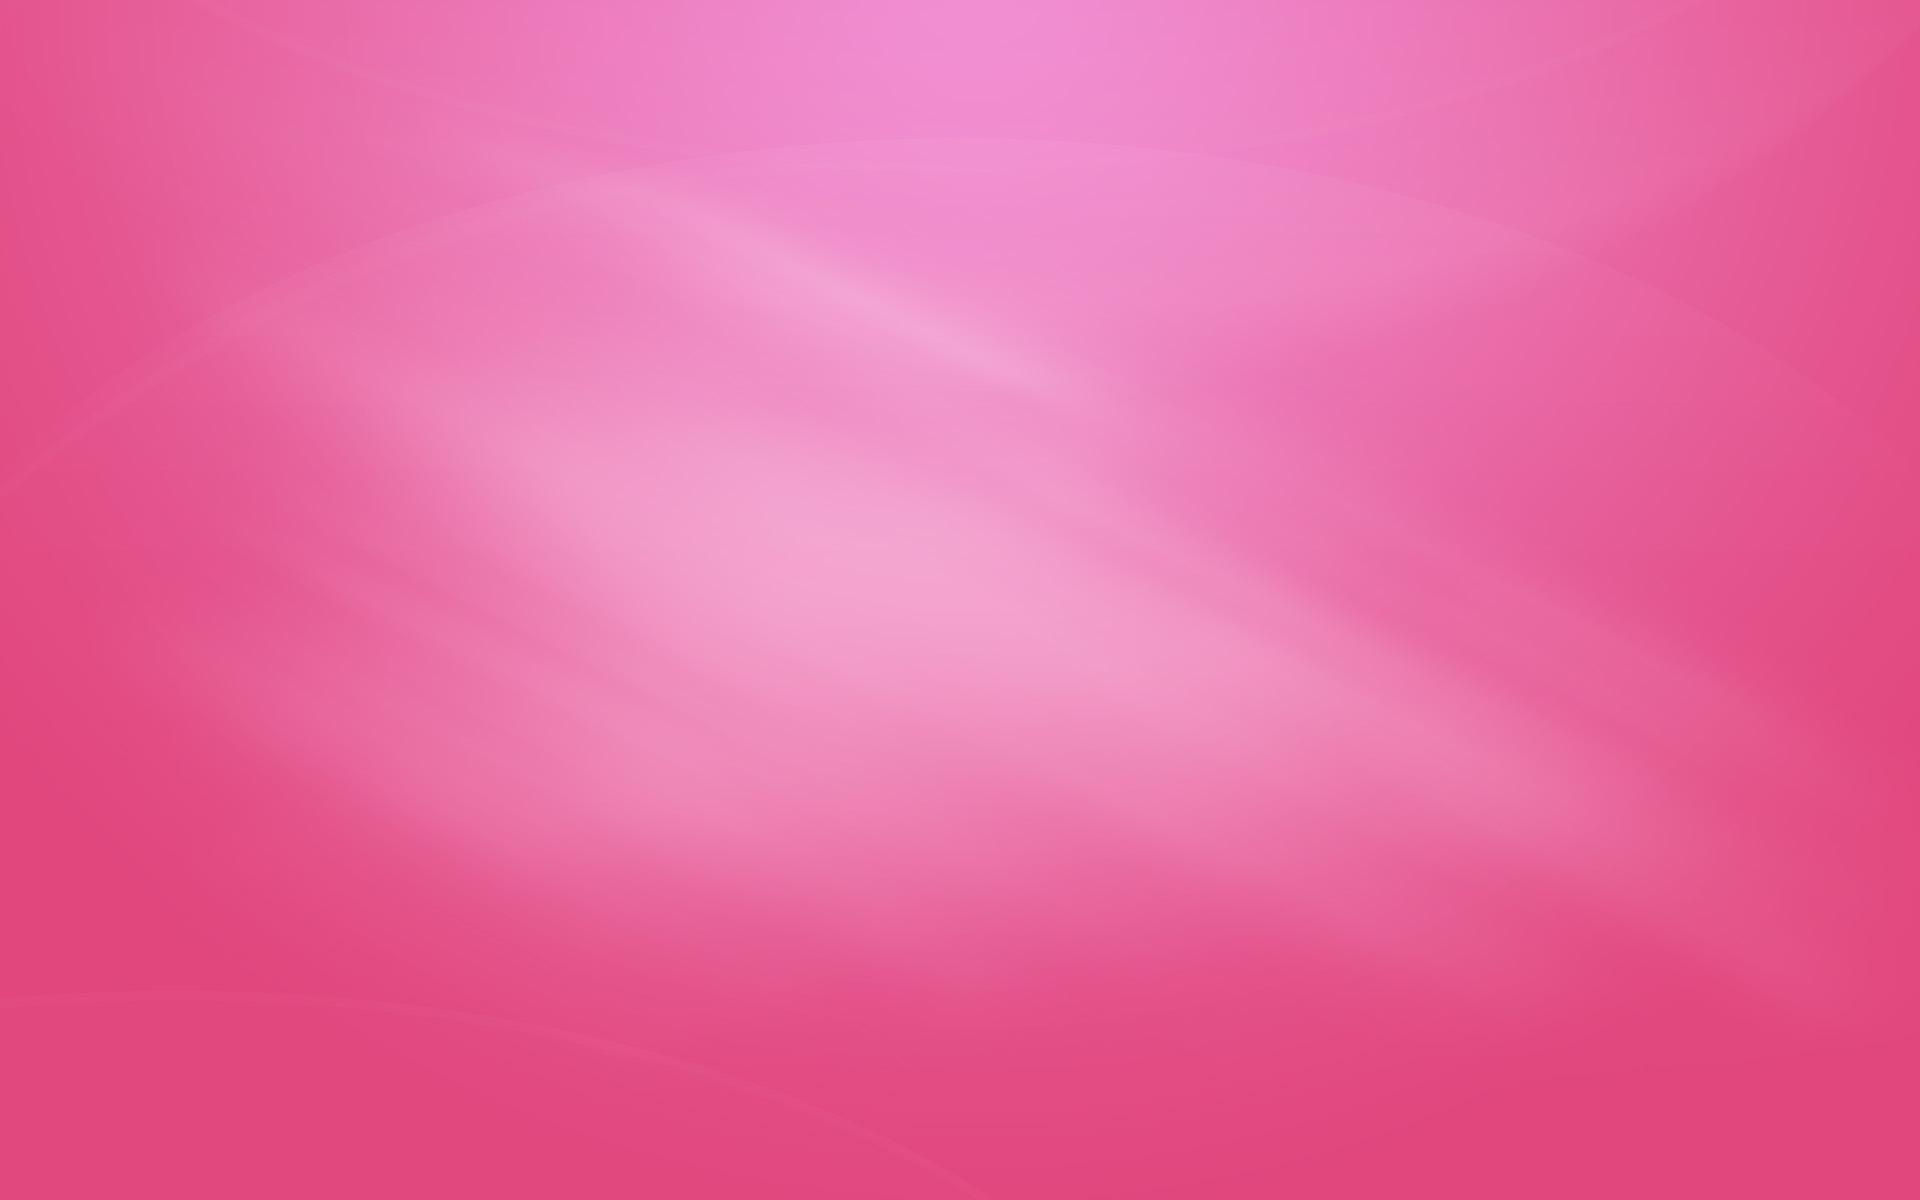 Pink gradient wallpaper   88910 1920x1200